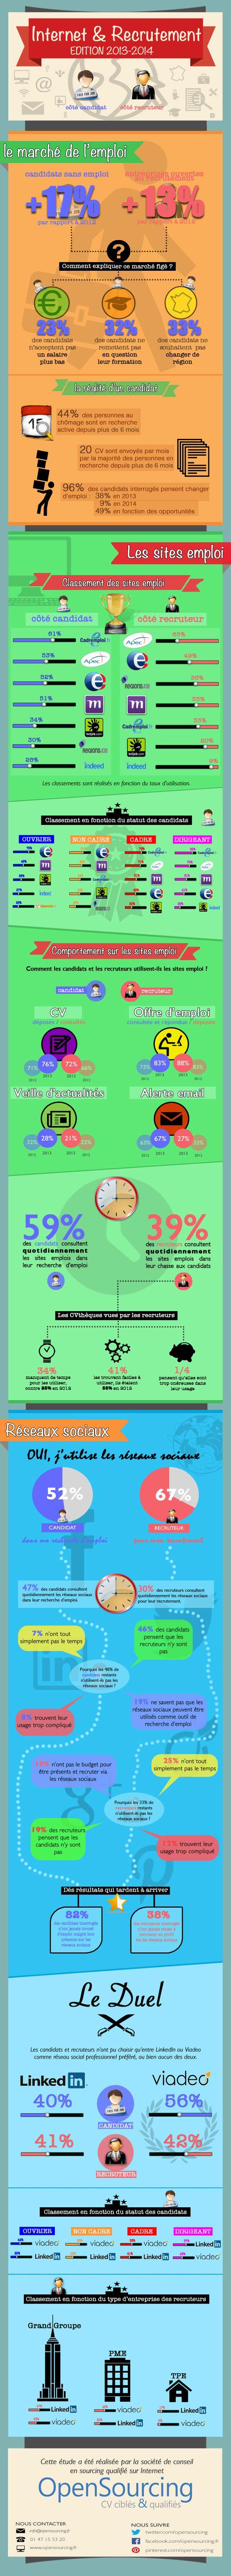 Les résultats de l'enquête d'OpenSourcing sur Internet & Le Recrutement édition 2013-2014